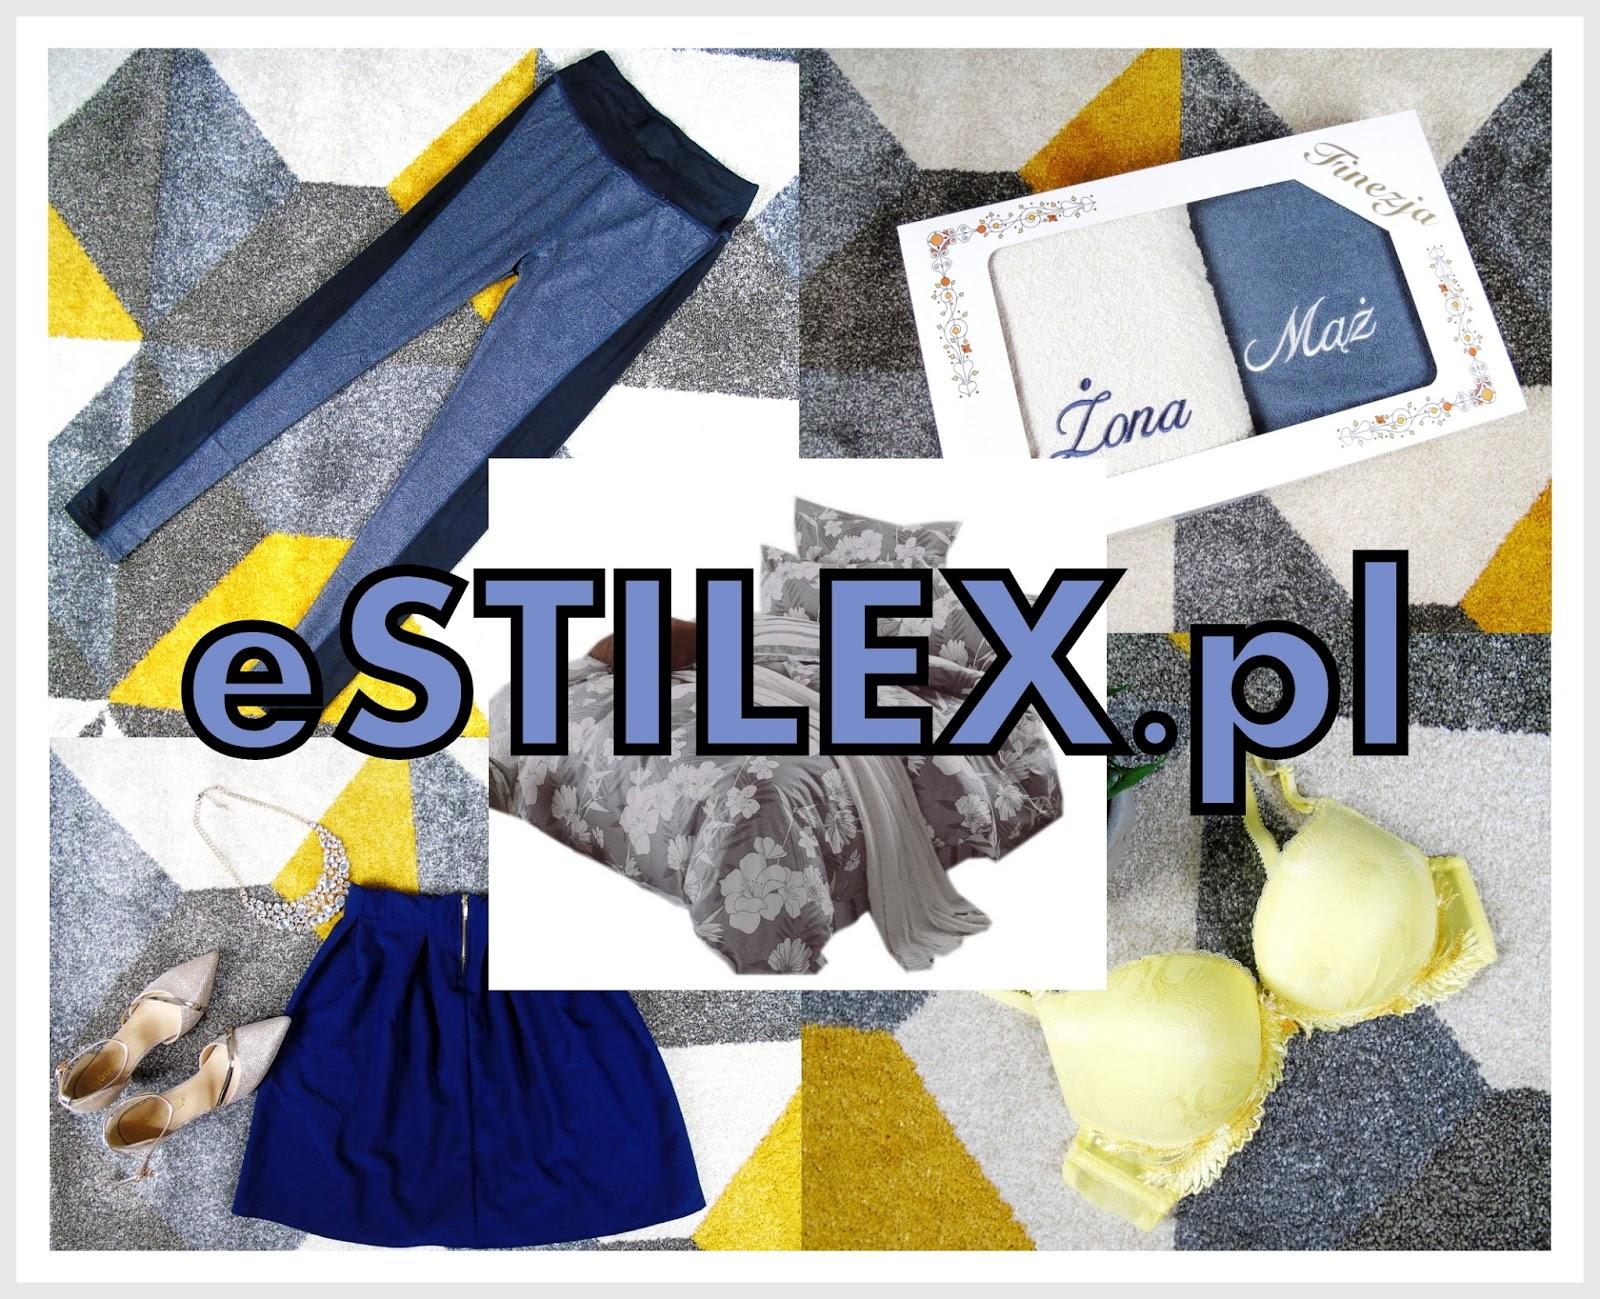 eStilex.pl - Tani sklep dla całej rodziny.